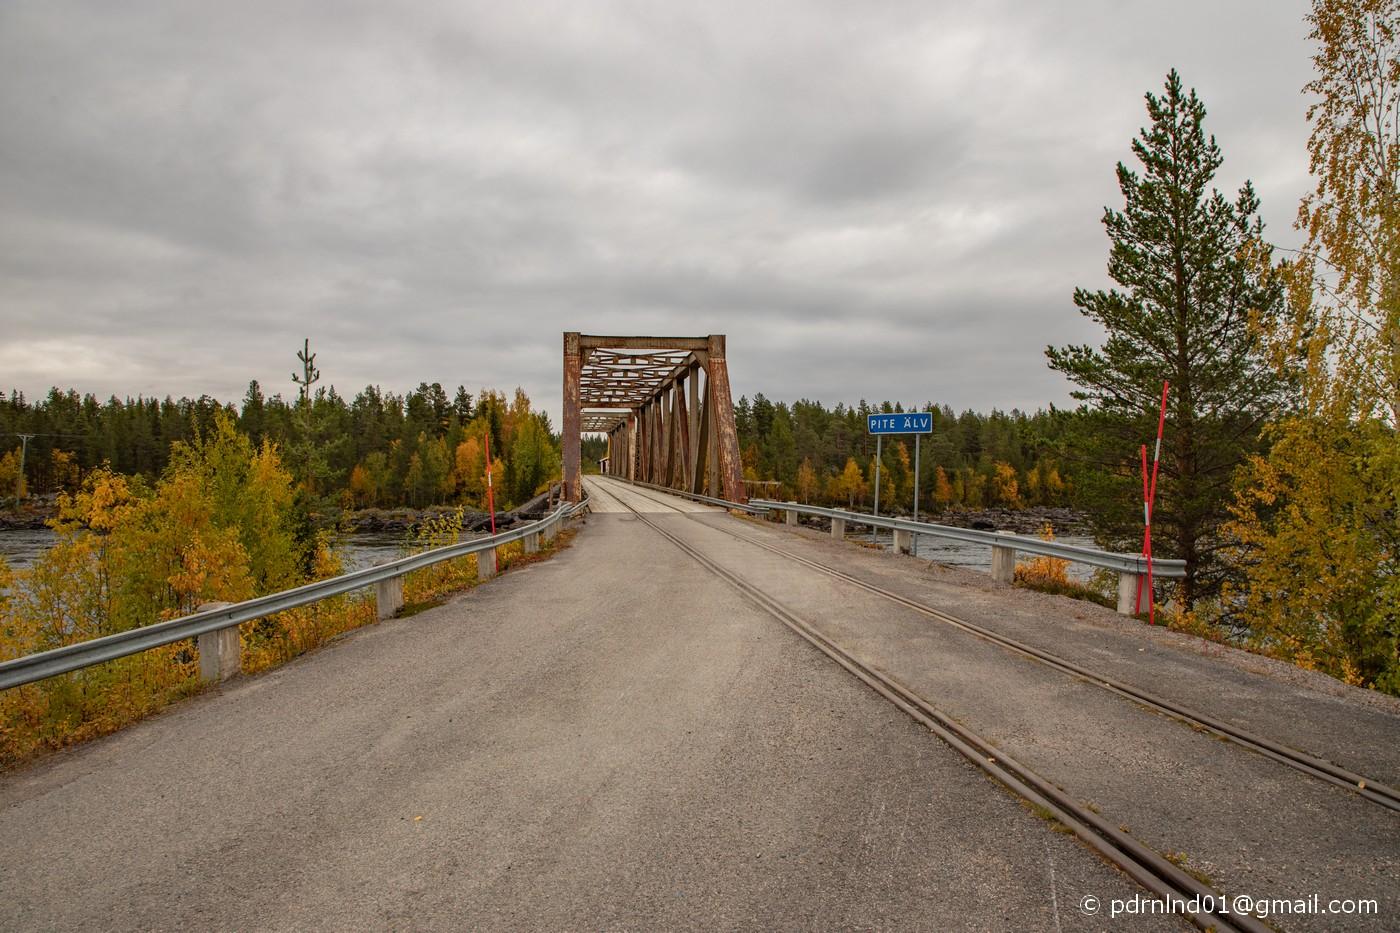 Bro över Piteälv